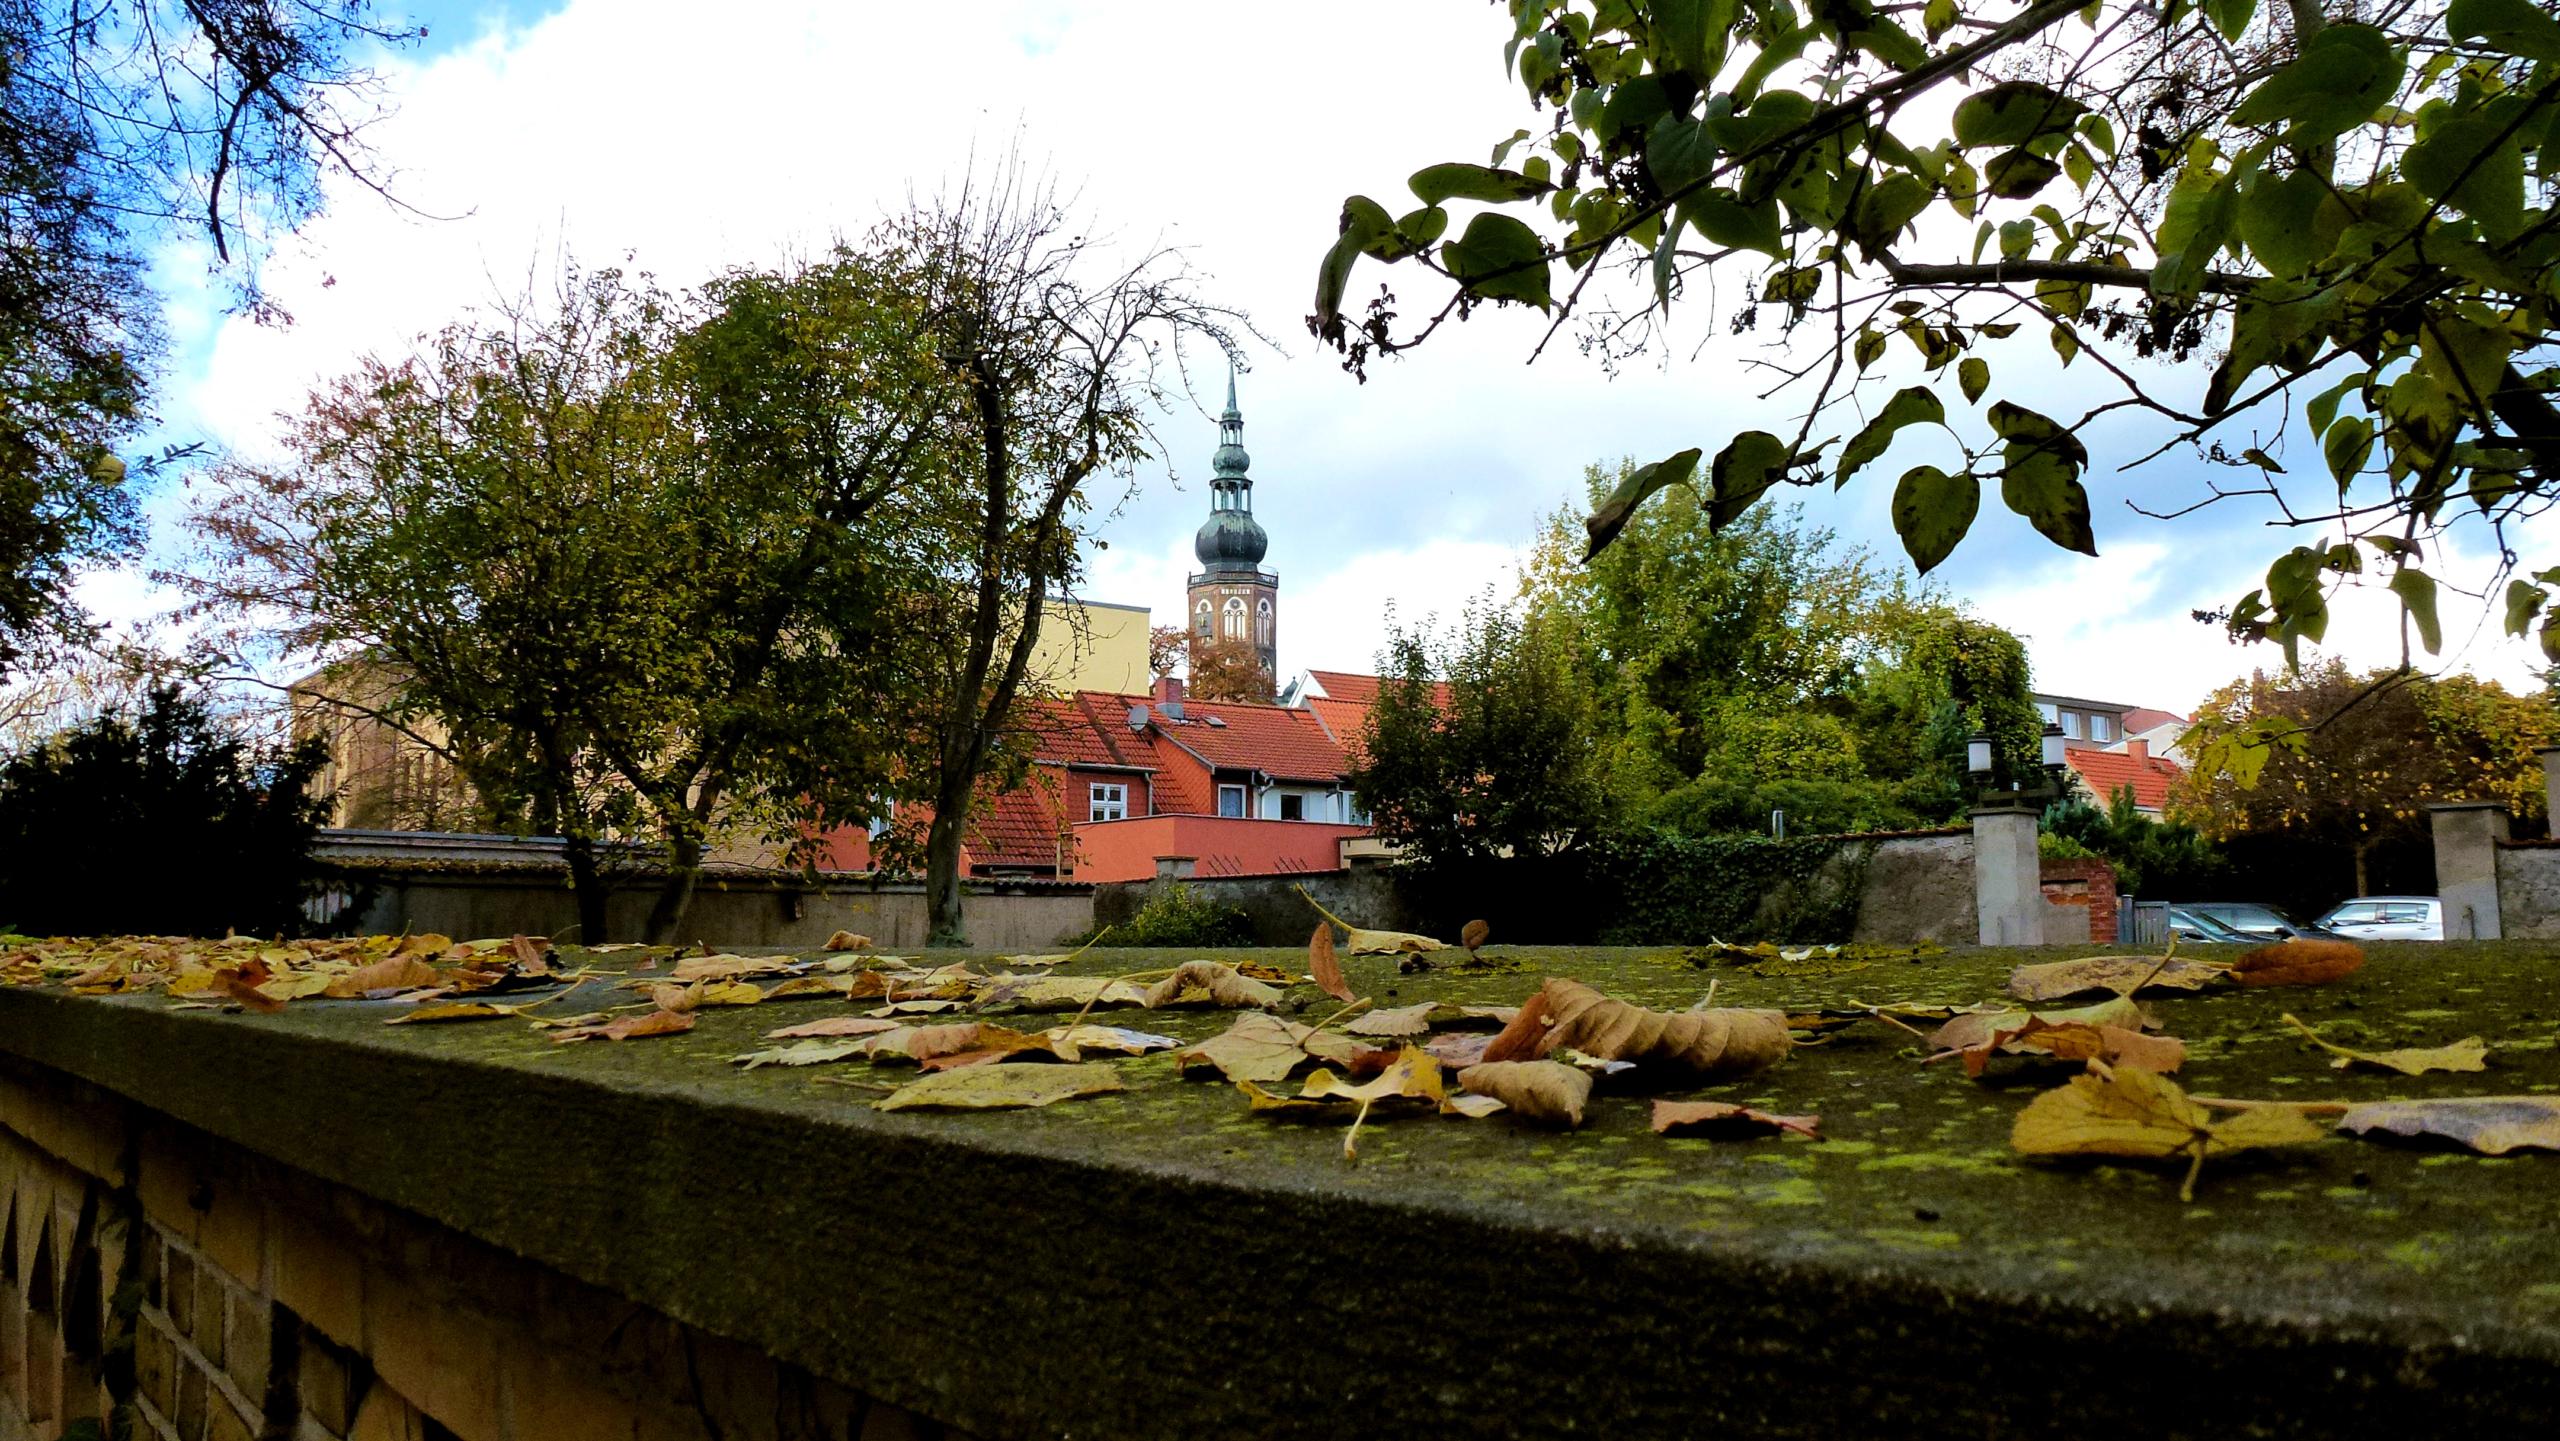 Herbst in Greifswald - Blick zum Dom St. Nikolai